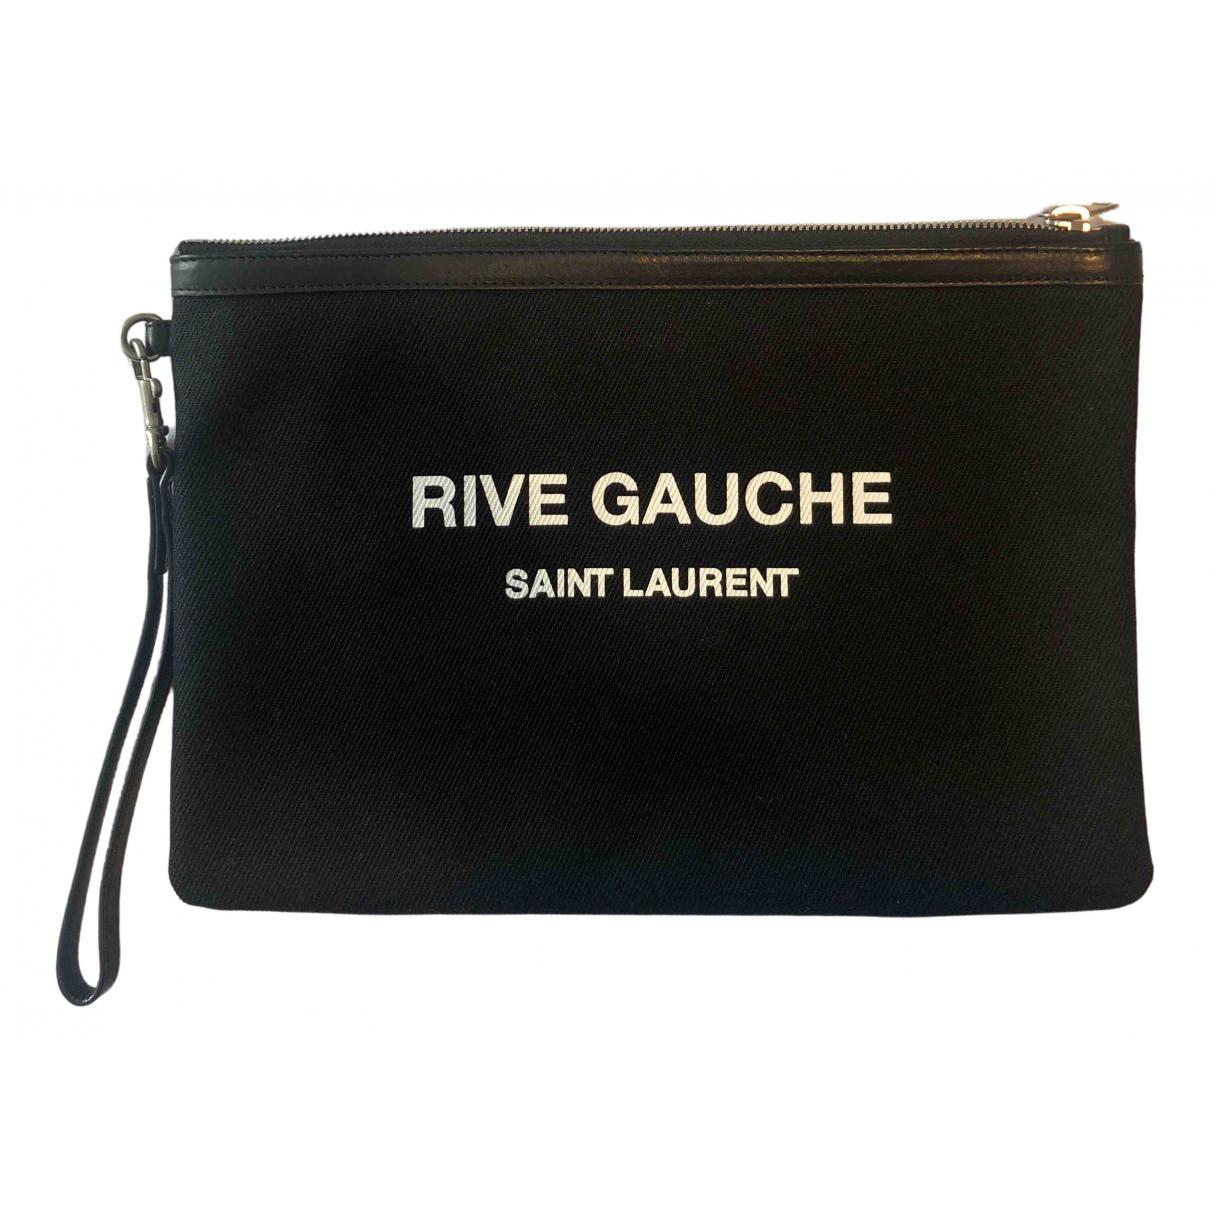 Saint Laurent Cabas Rive Gauche Black Cloth Clutch bag for Women \N